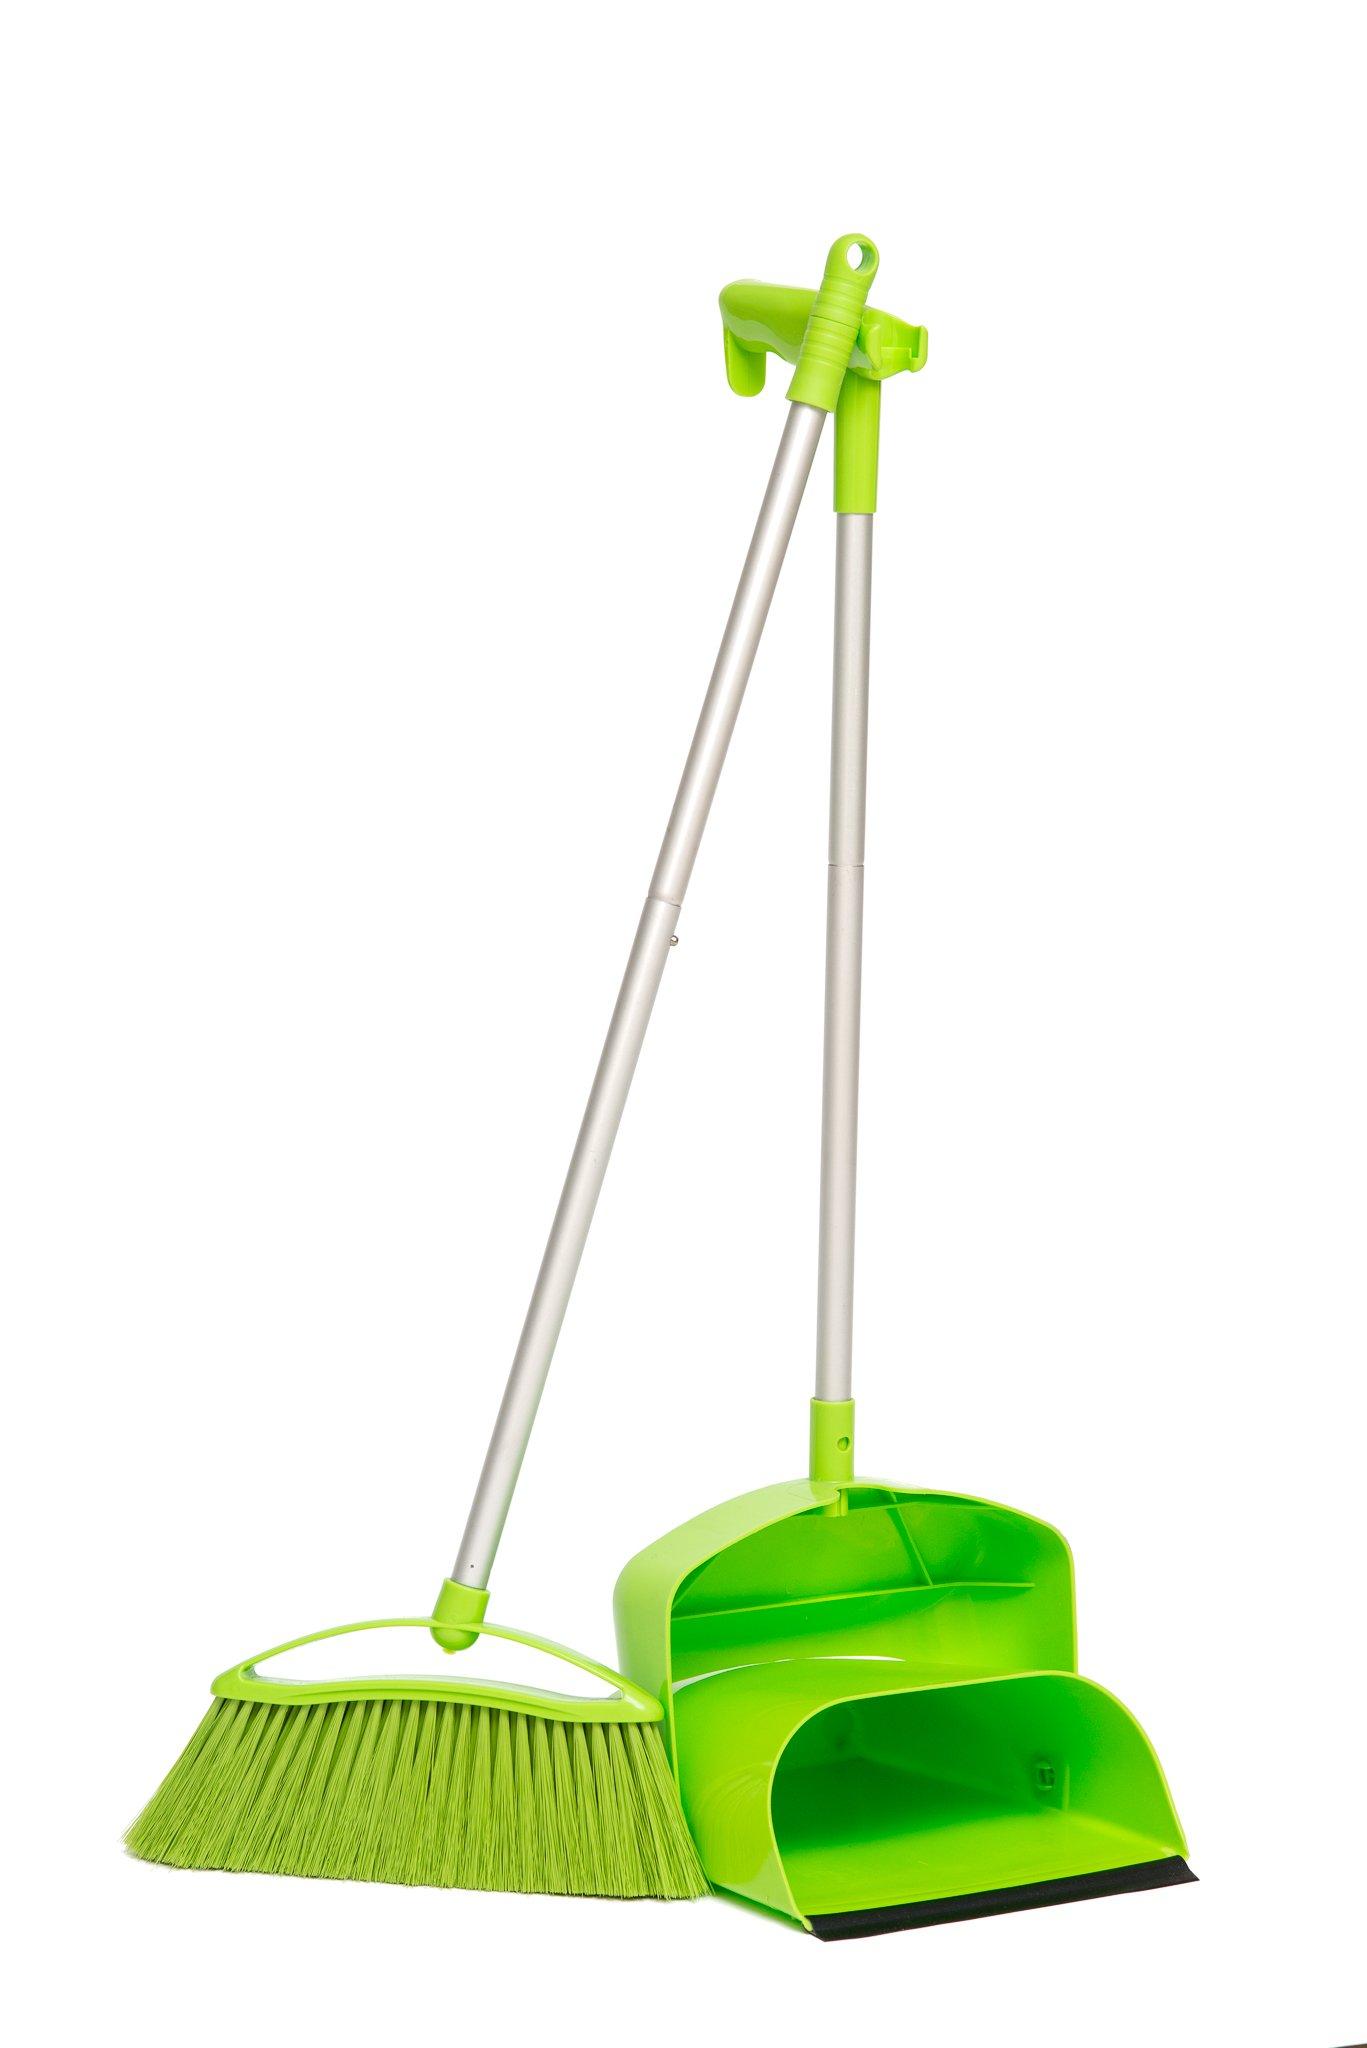 PortoTrash Upright Foldable Dustpan and Broom Set, Green